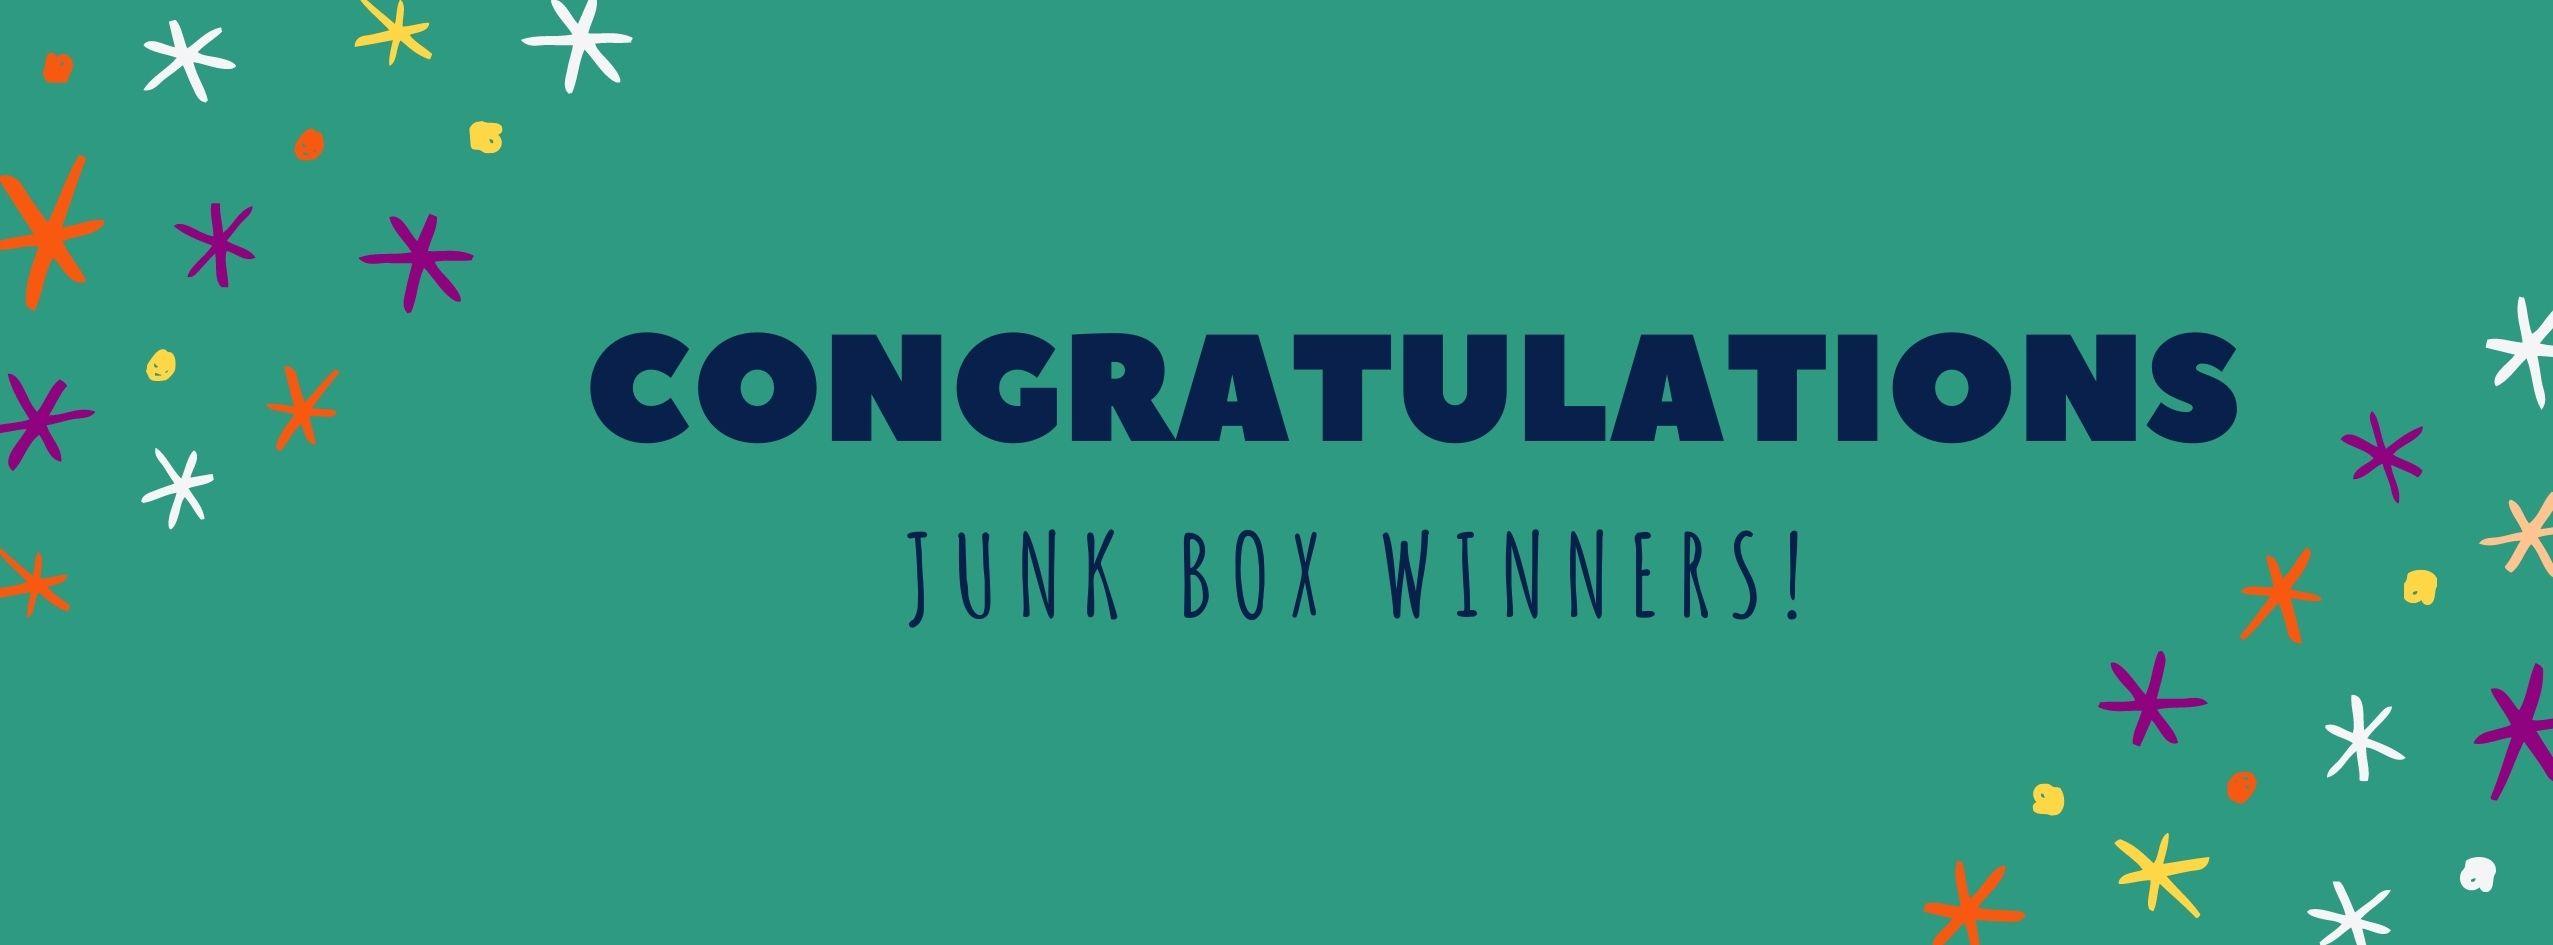 junk-box-winner-2-.jpg